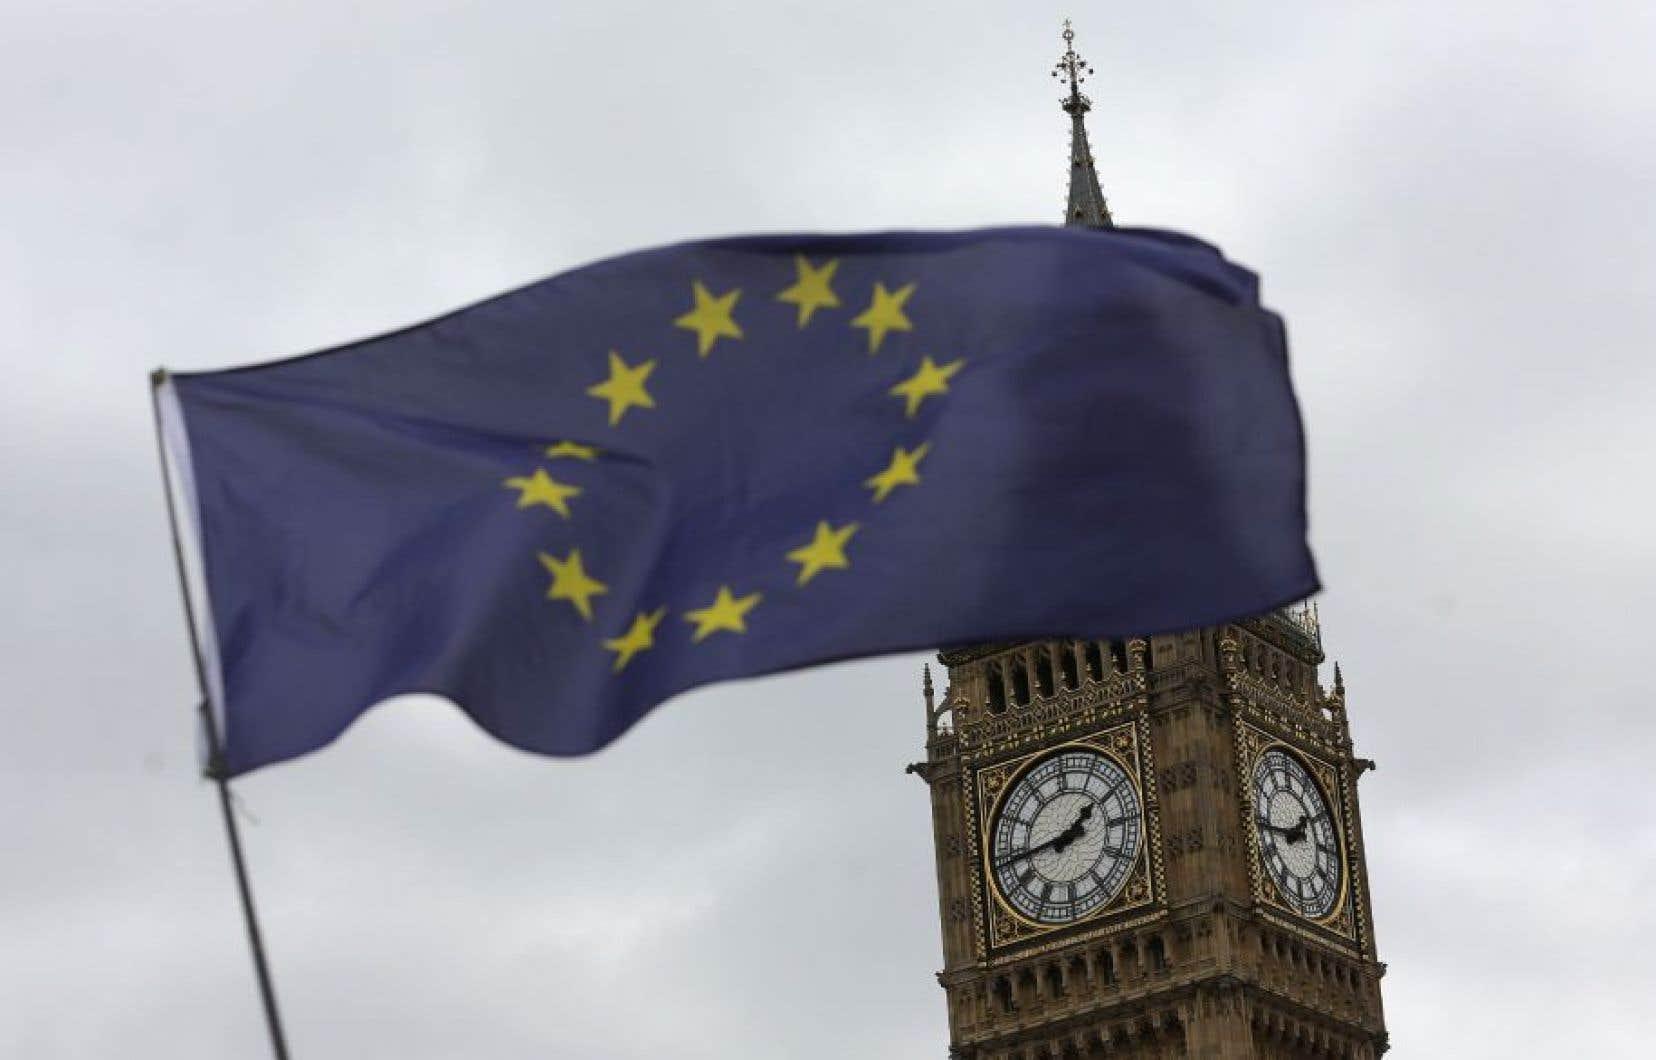 Les négociations portent jusqu'à présent sur les droits des 3millions de citoyens européens installés au Royaume-Uni.